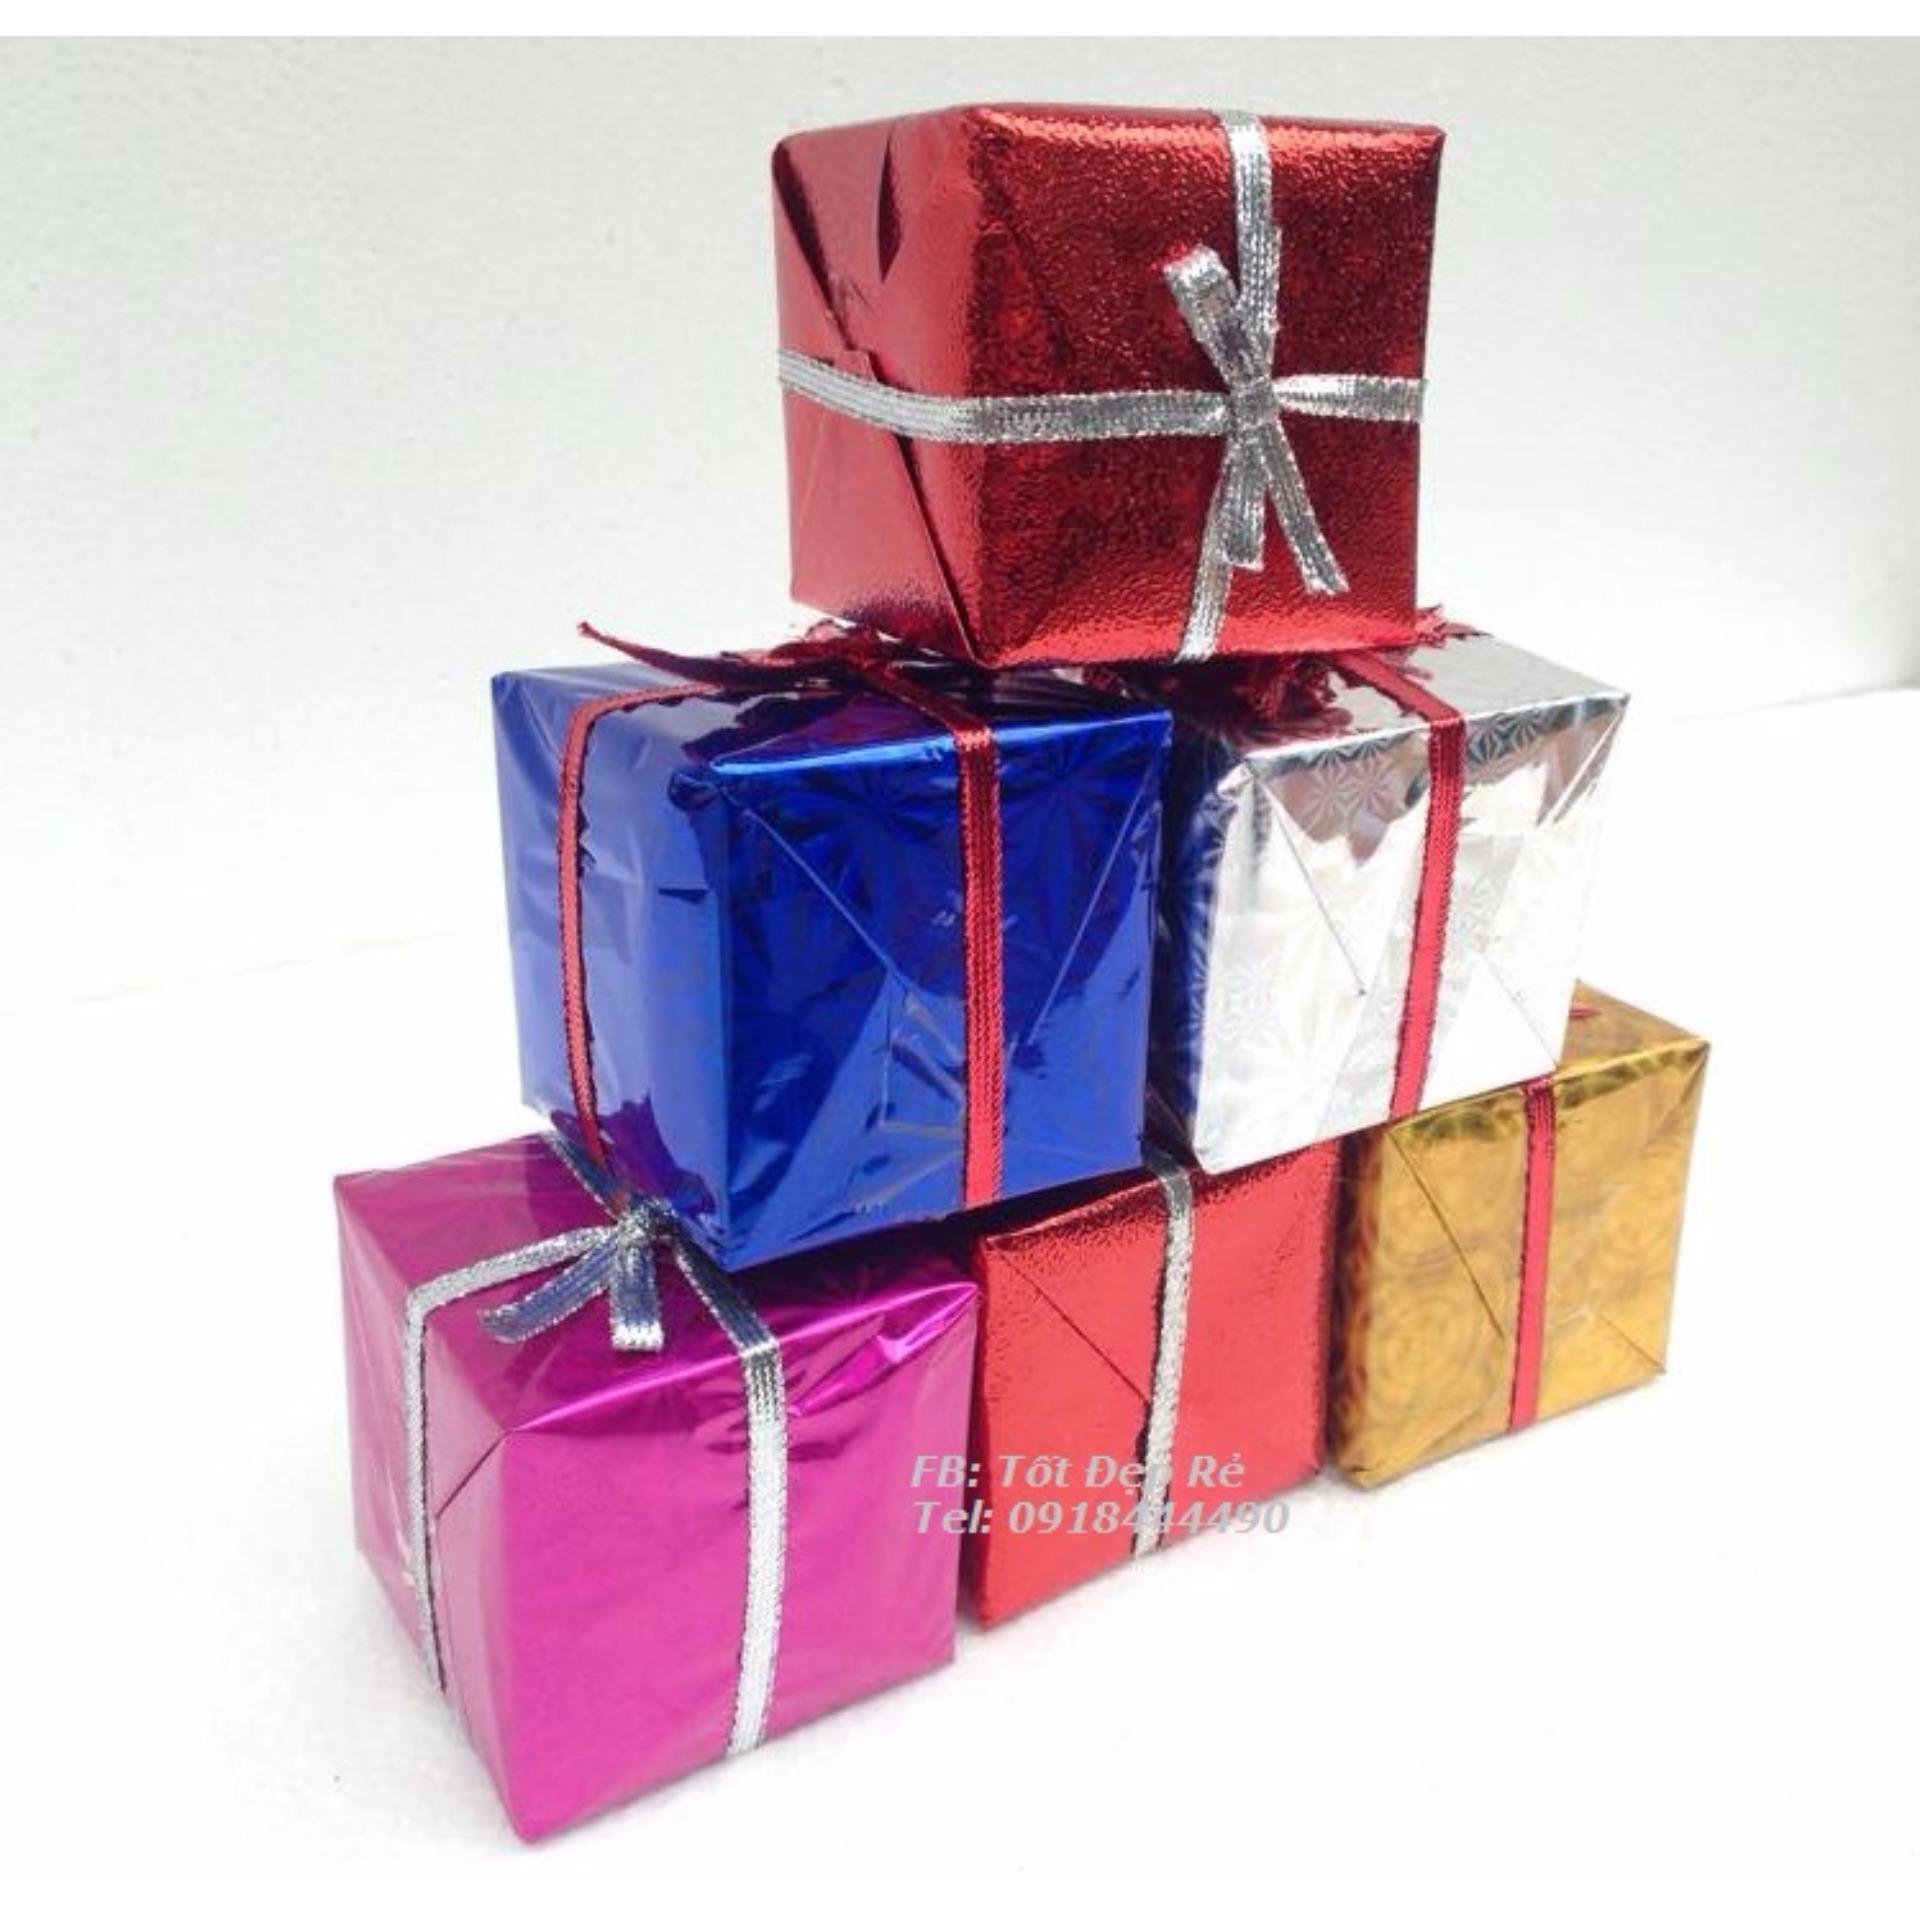 Giảm giá Bộ 6 Hộp quà vuông gắn cây thông Noel trang trí Giáng Sinh